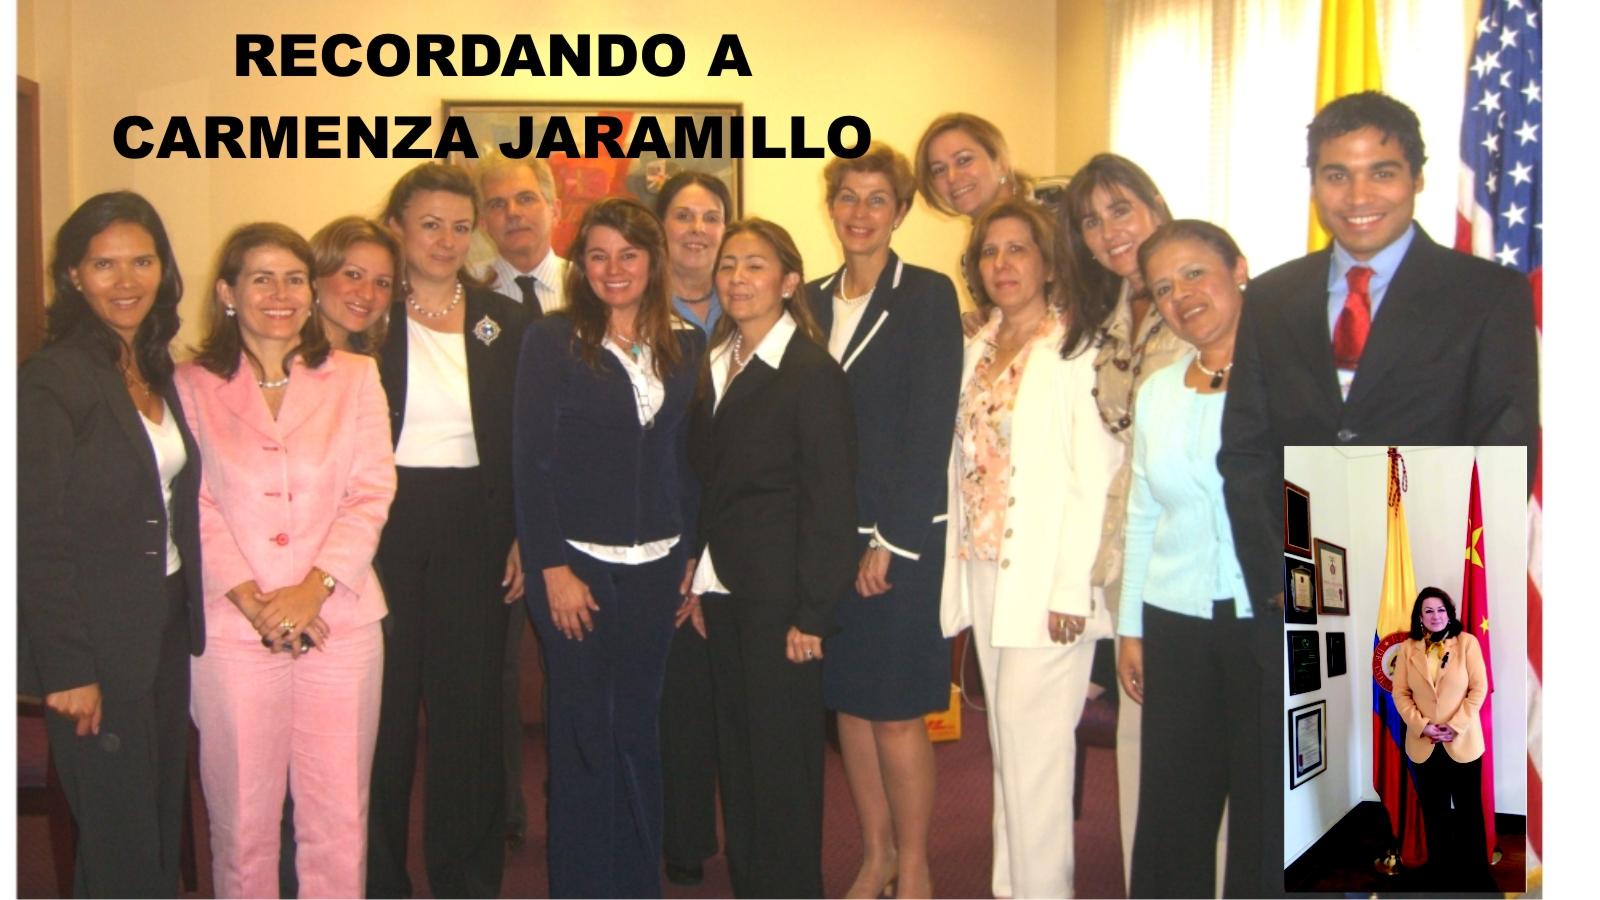 RECORDANDO CARMENZA JARAMILLO